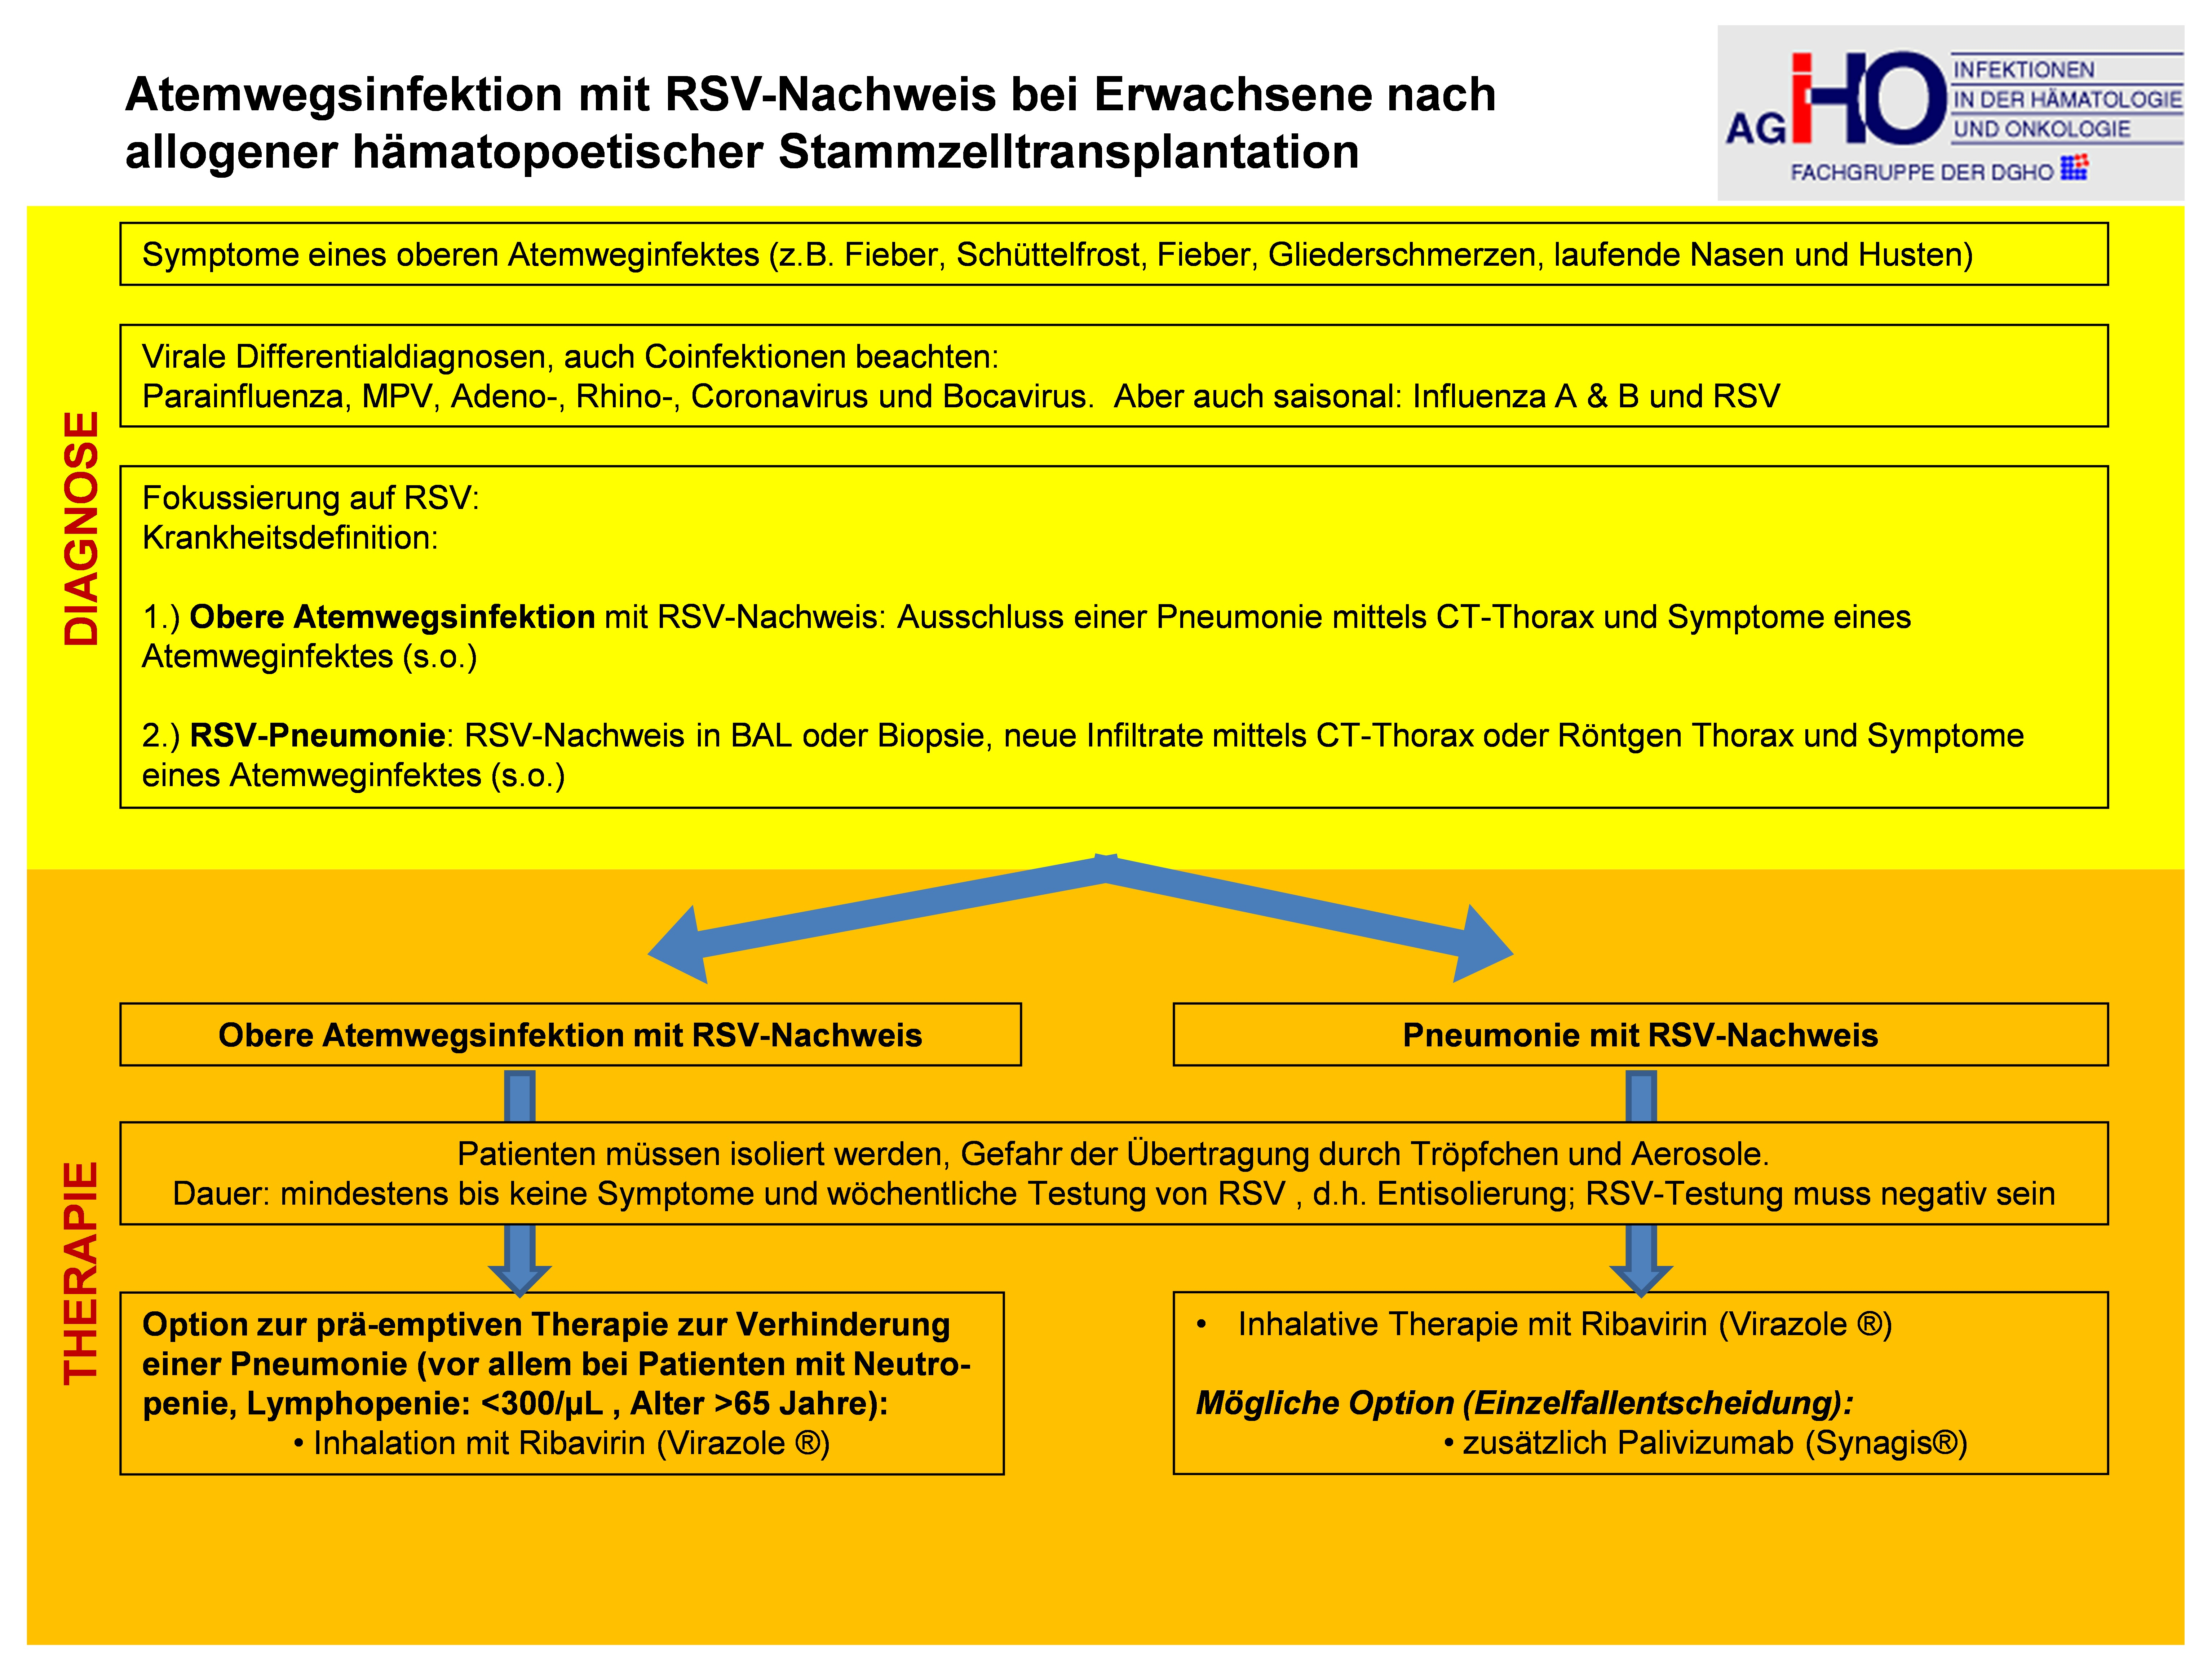 Ateminfektionen mit RSV-Nachweis bei Erwachsenen nach allogener hämatopoetischer Stammzelltransplantation